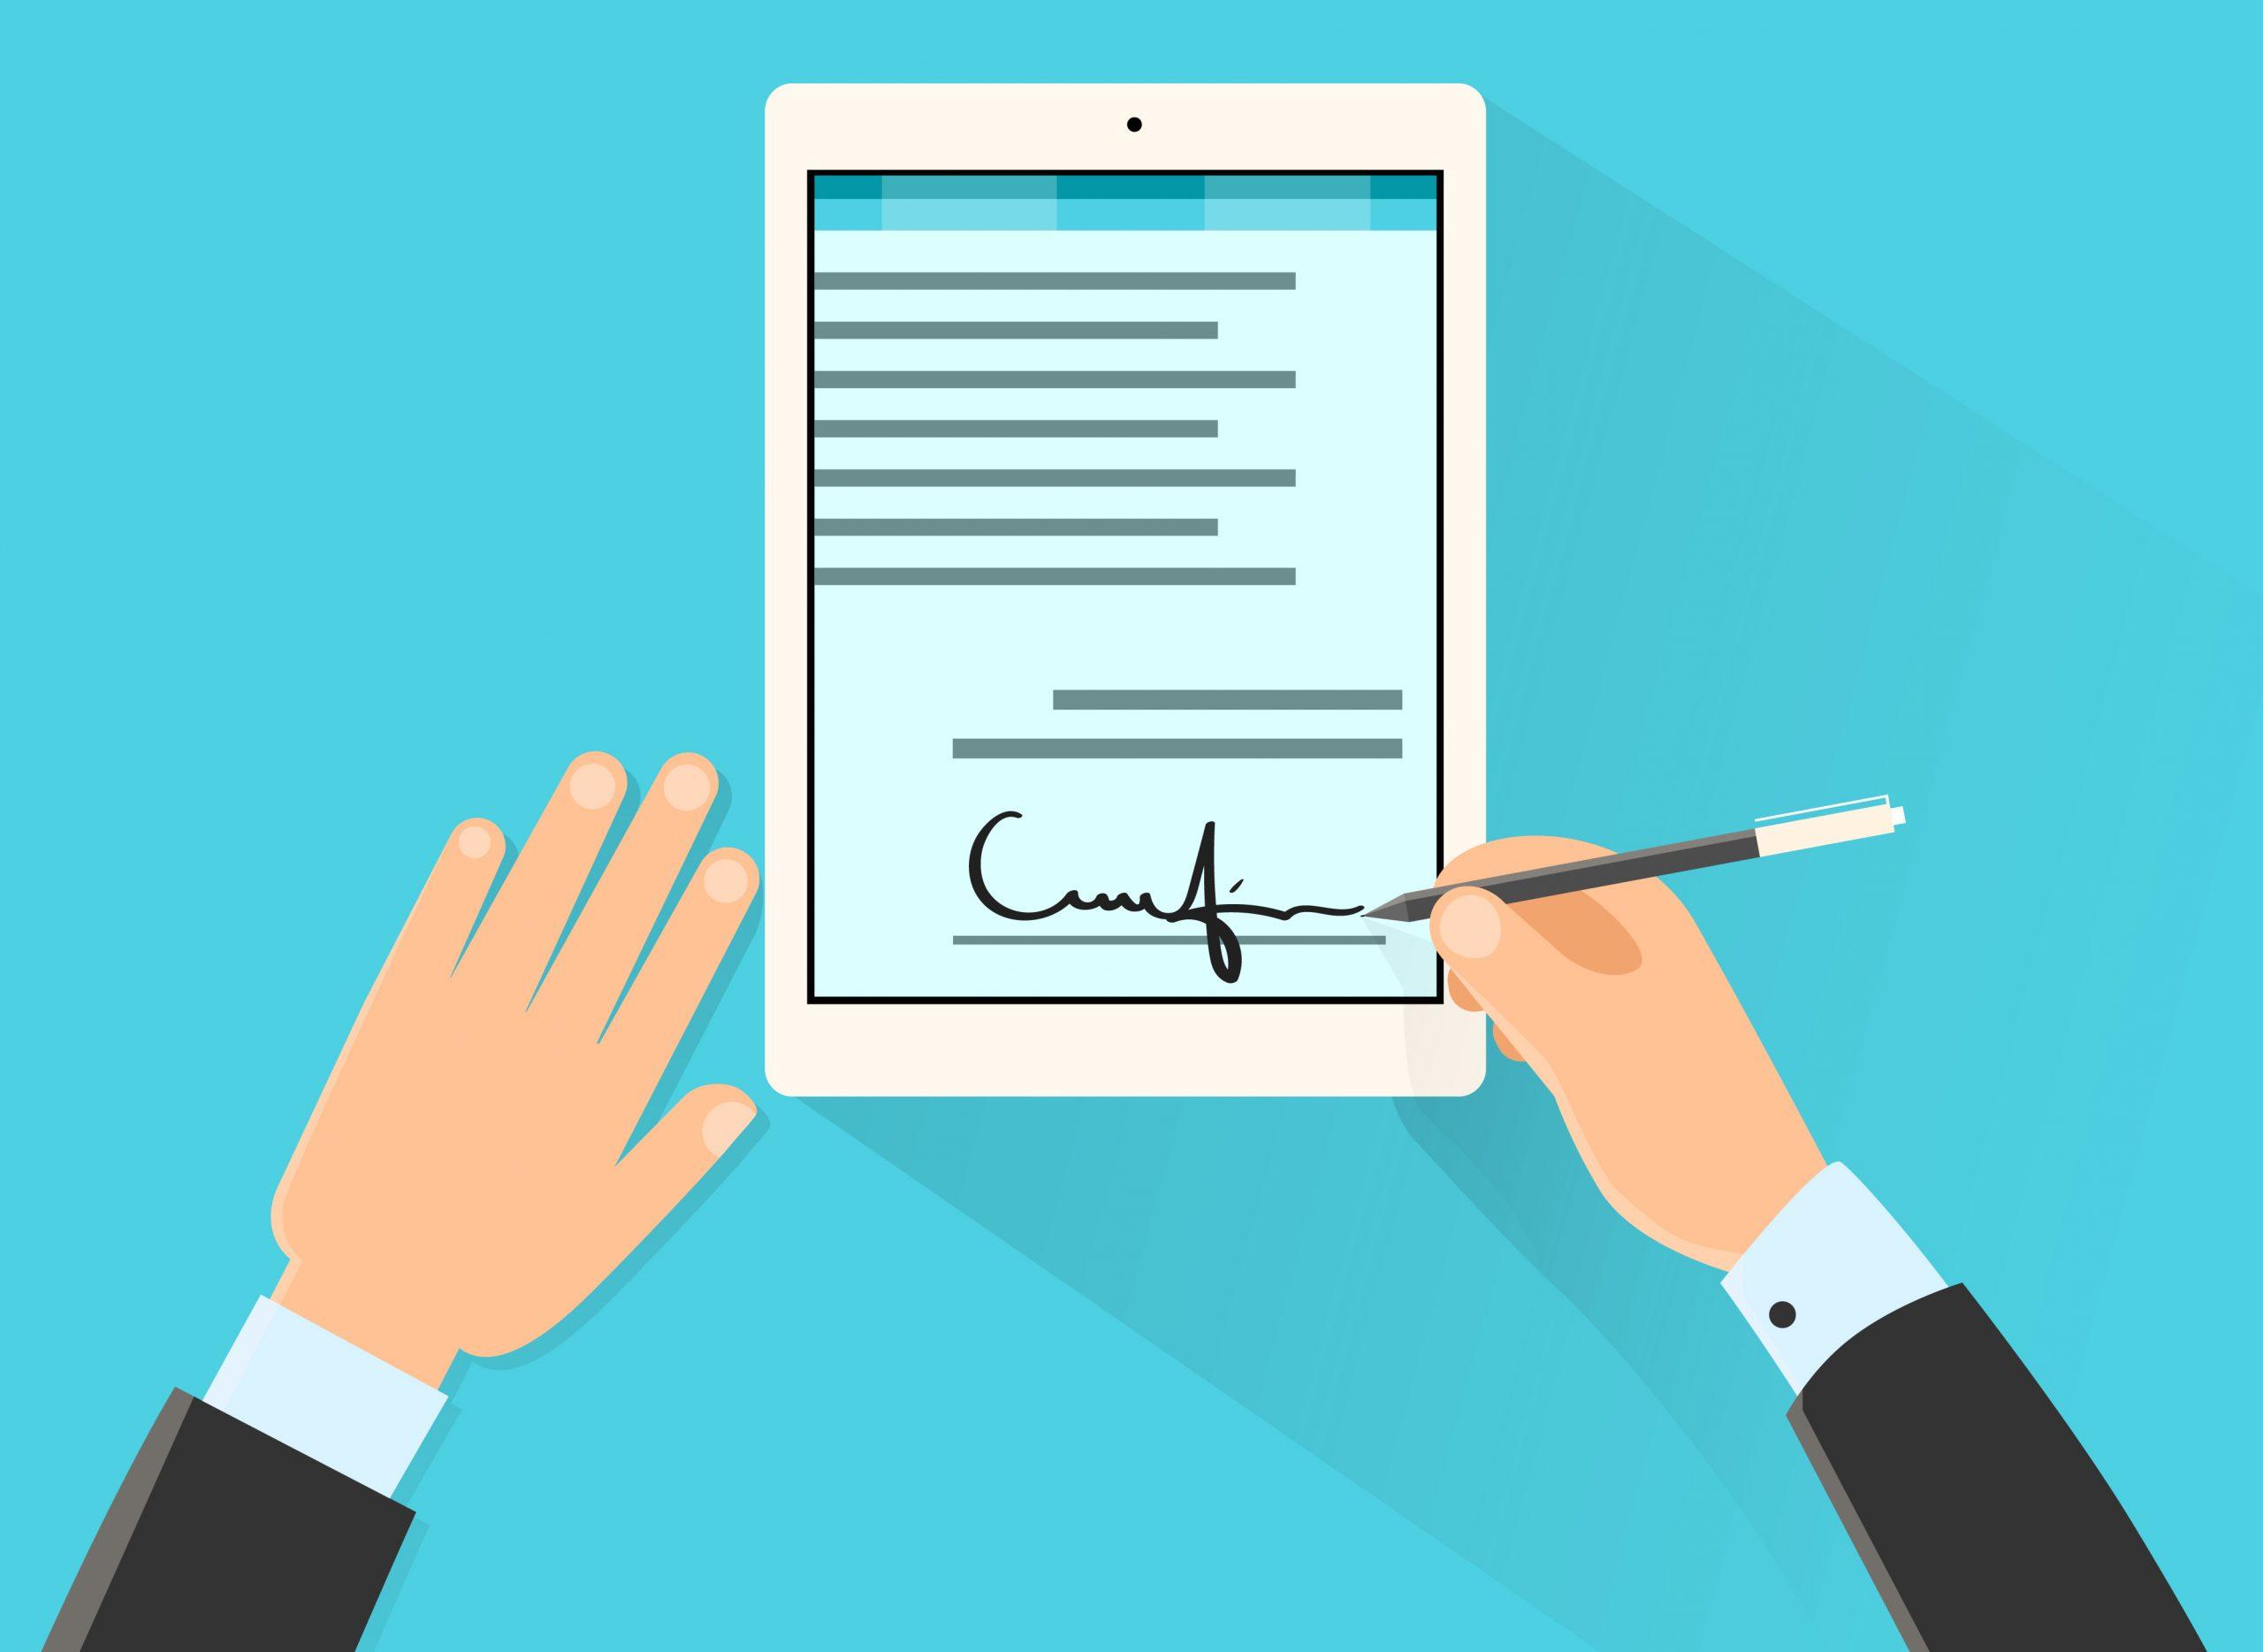 assinaturas eletrônicas